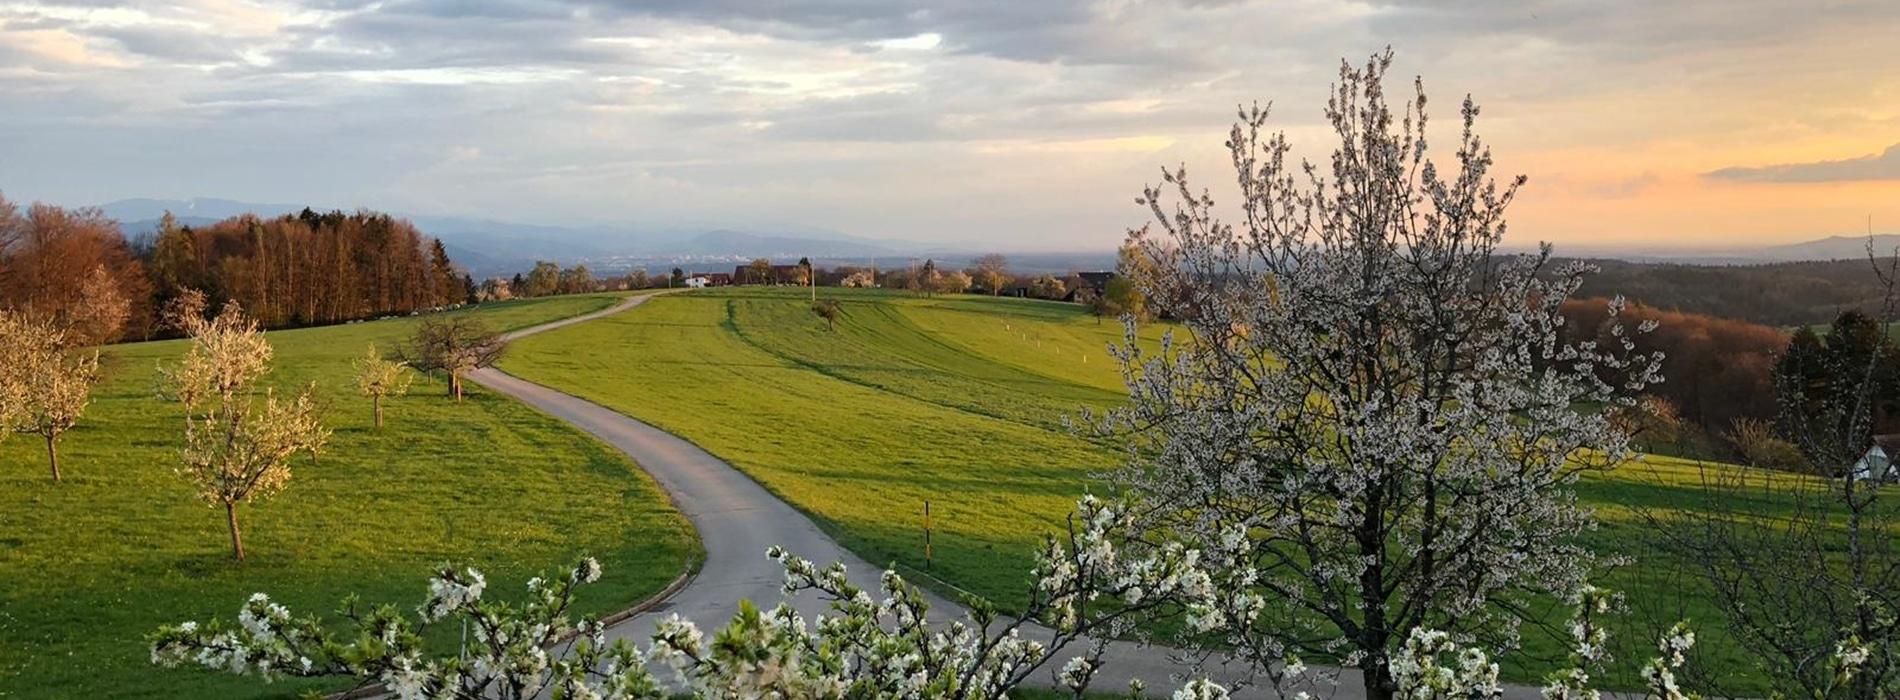 Ausblick über grüne Wiesen im Frühling